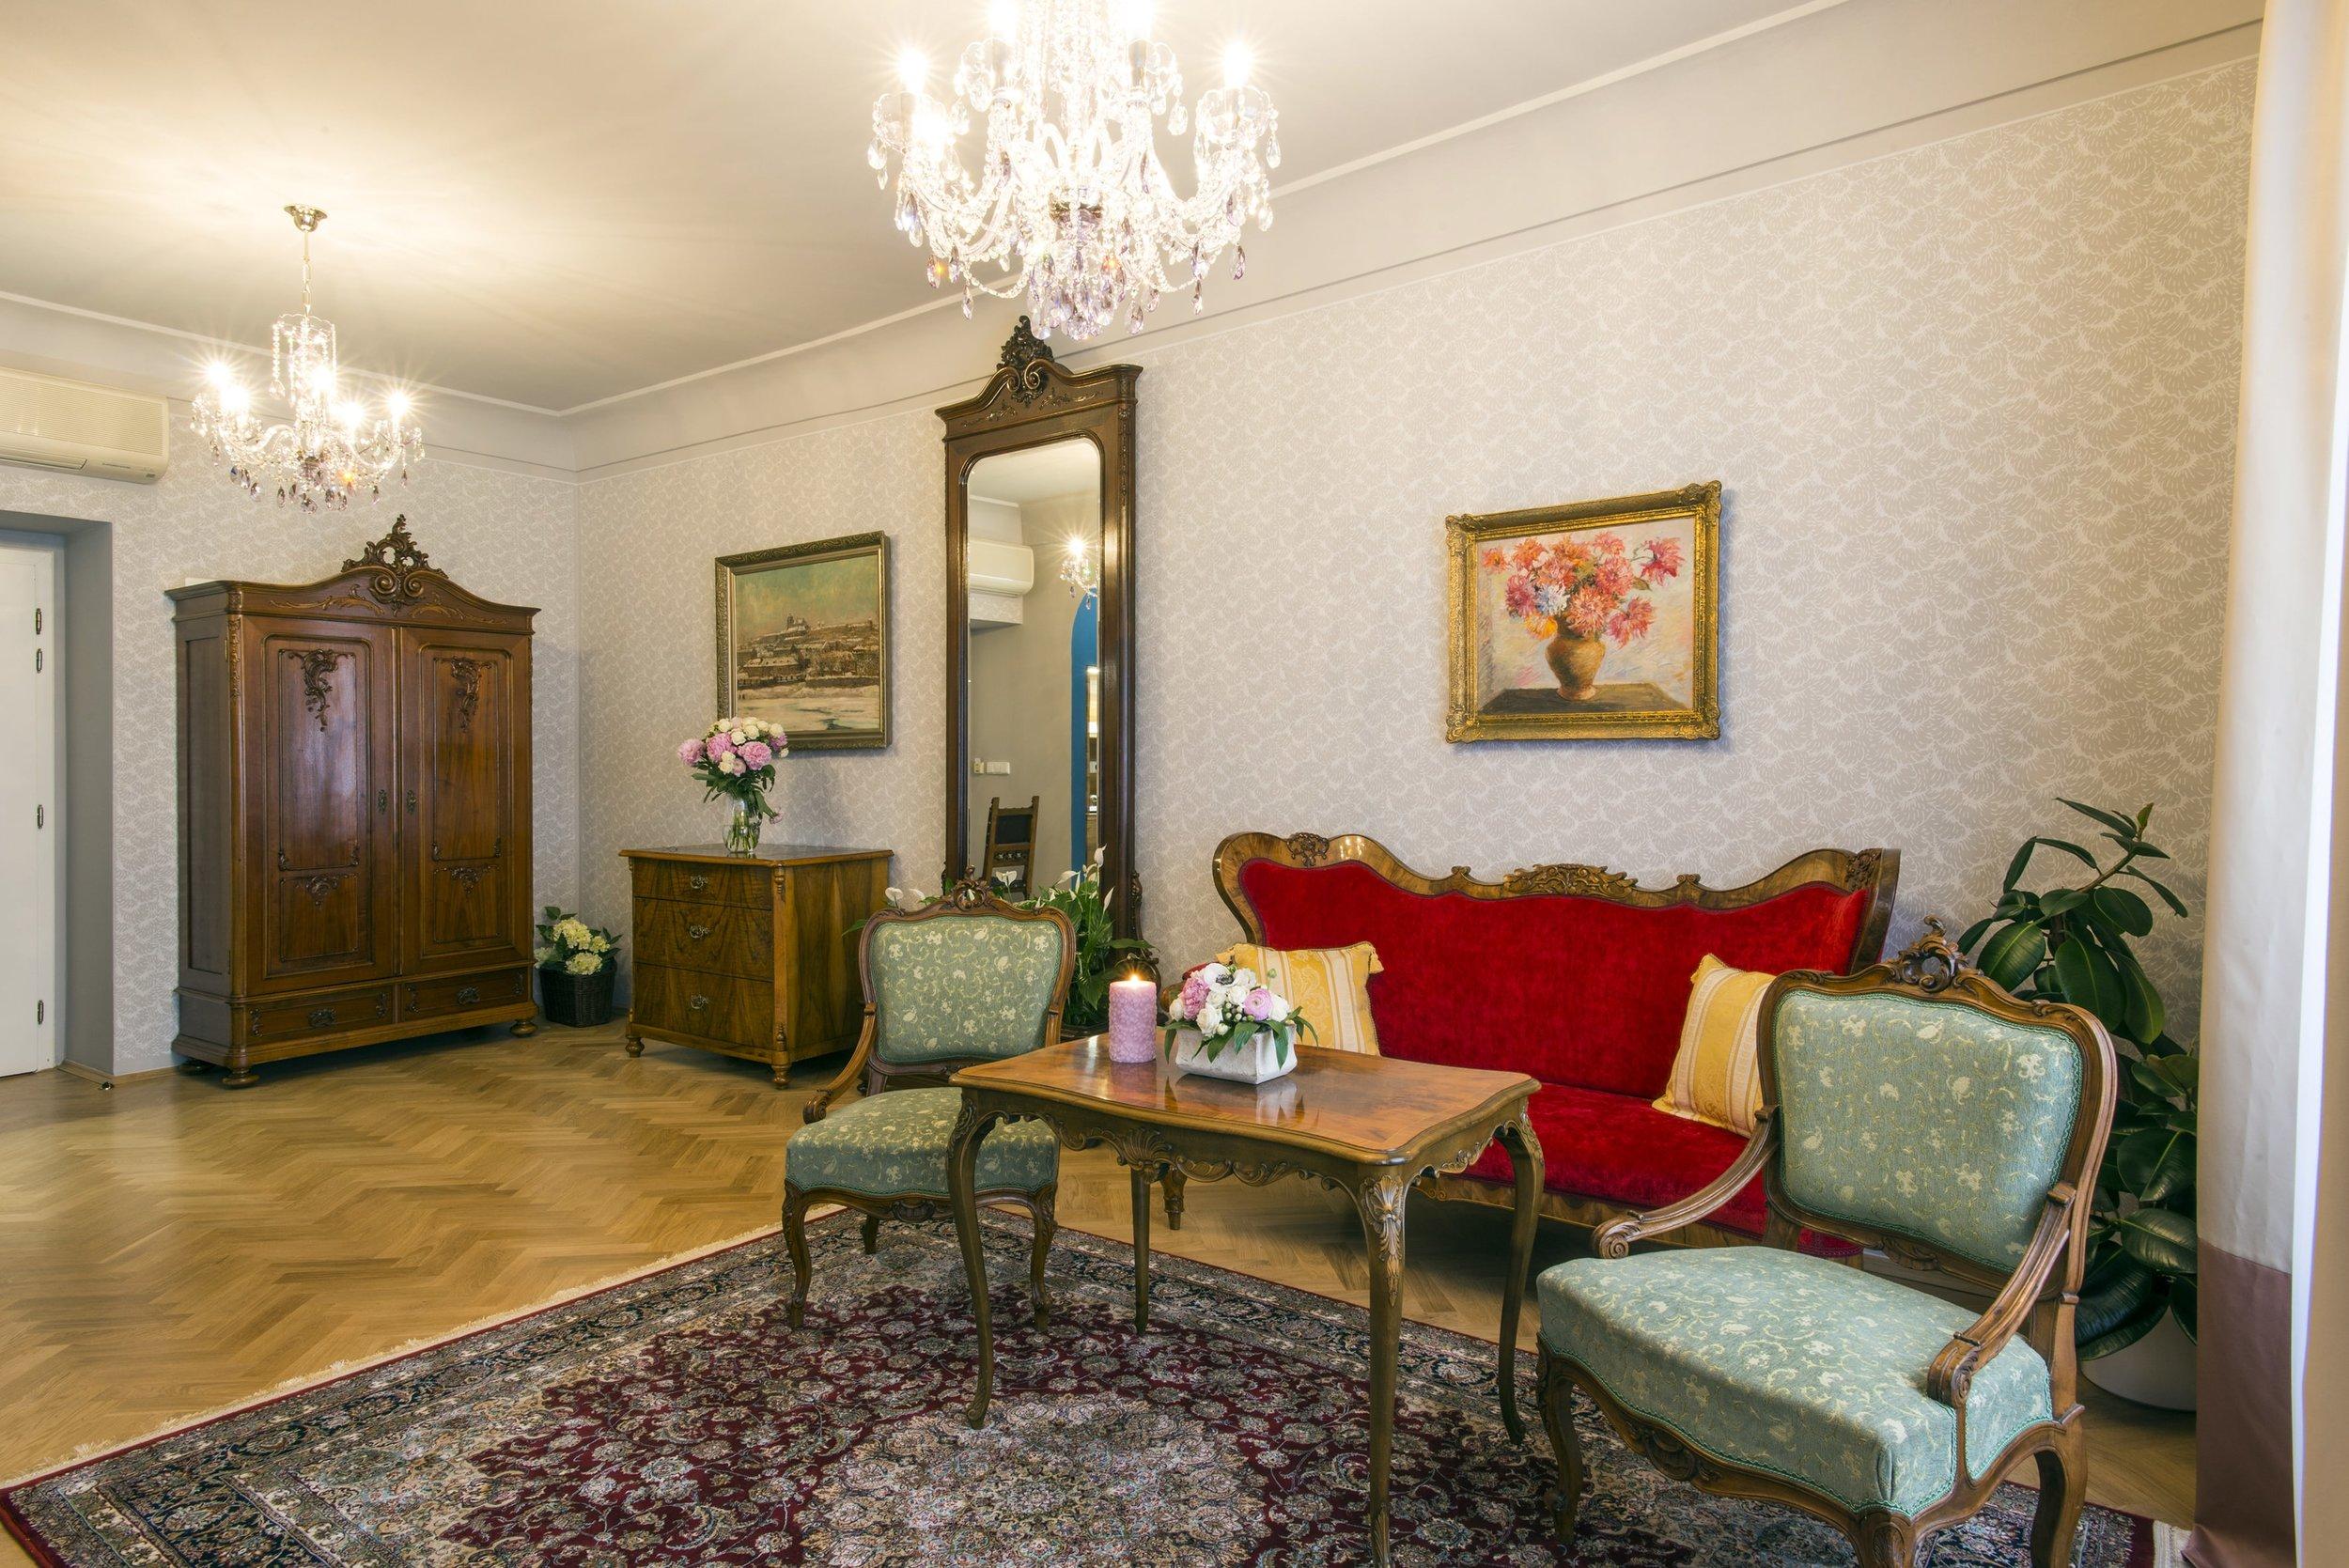 boutique-hotel-constans-wranovsky-crystal-chandelier-1.jpg